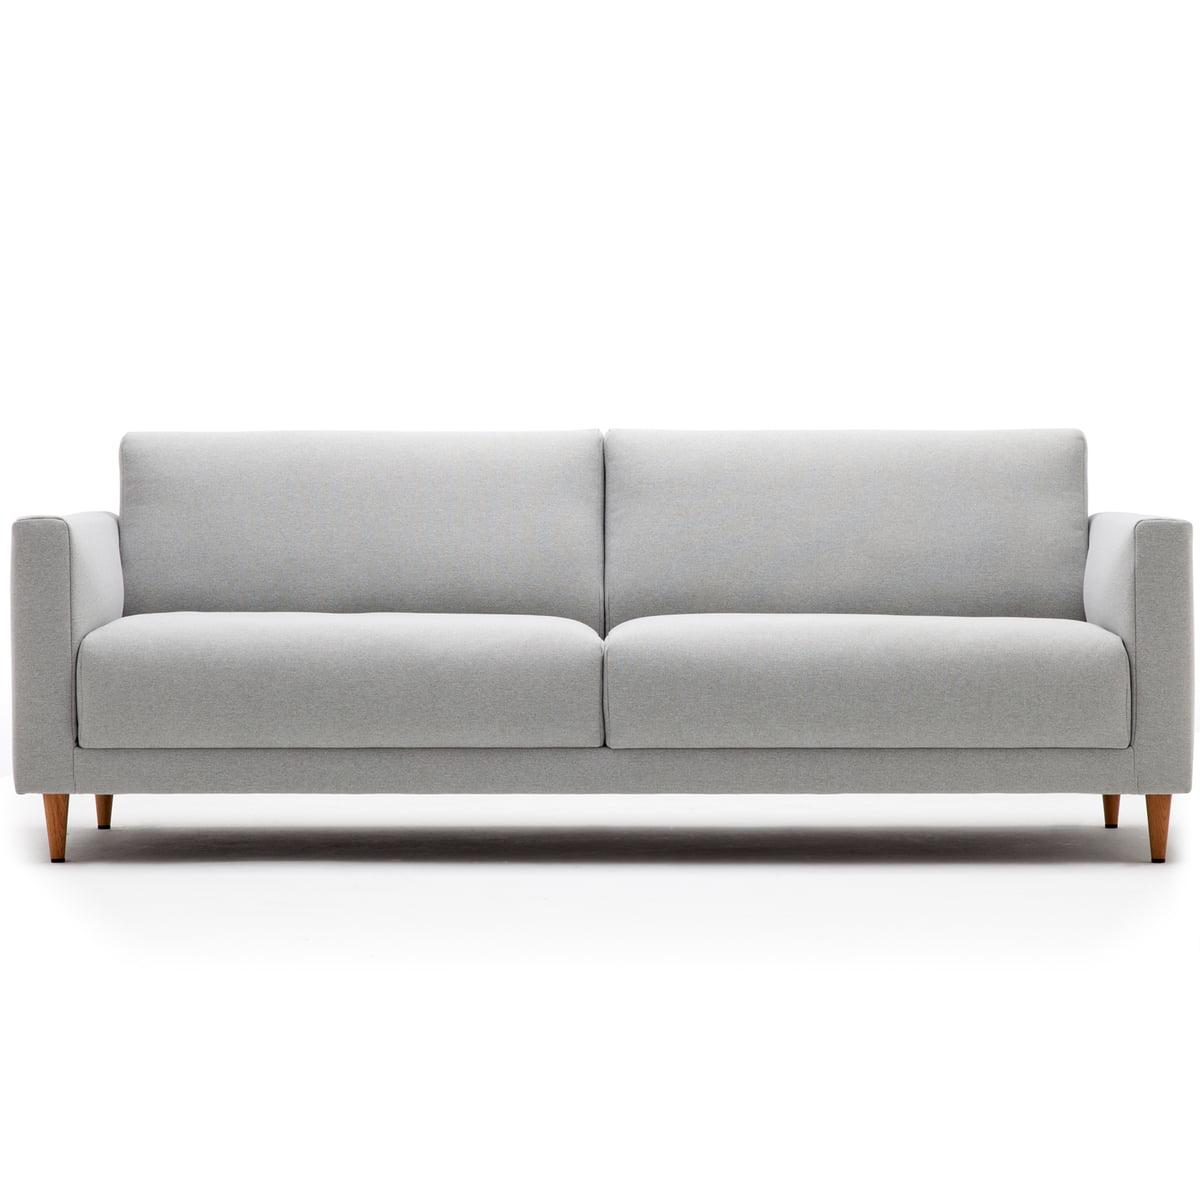 Full Size of Freistil Sofa 141 Von Connoshop Mit Verstellbarer Sitztiefe überzug Modernes Polsterreiniger Kare Koinor Günstig Kaufen Weiß Grau Hocker Modulares Sofa Freistil Sofa